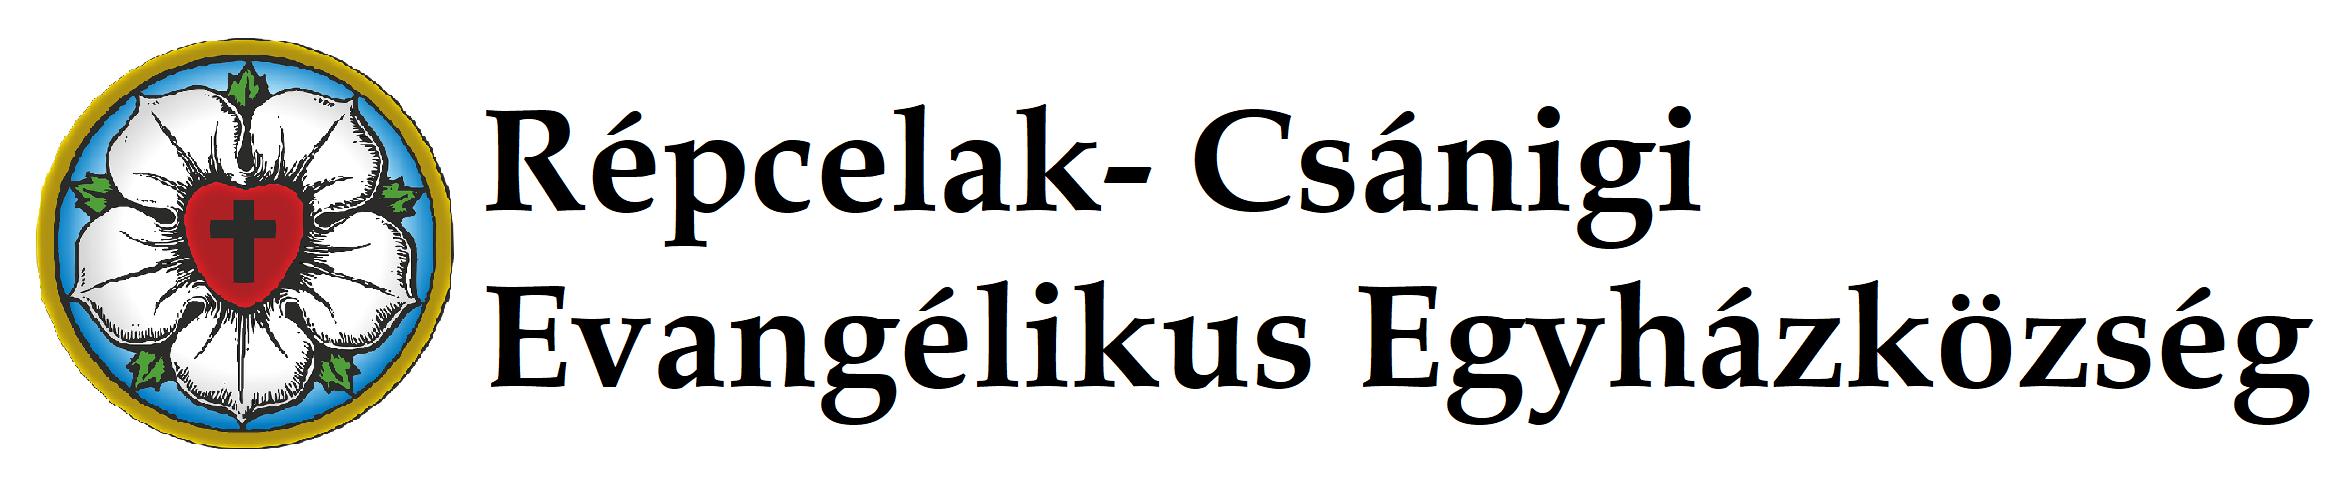 Répcelak-Csánigi Evangélikus Egyházközség